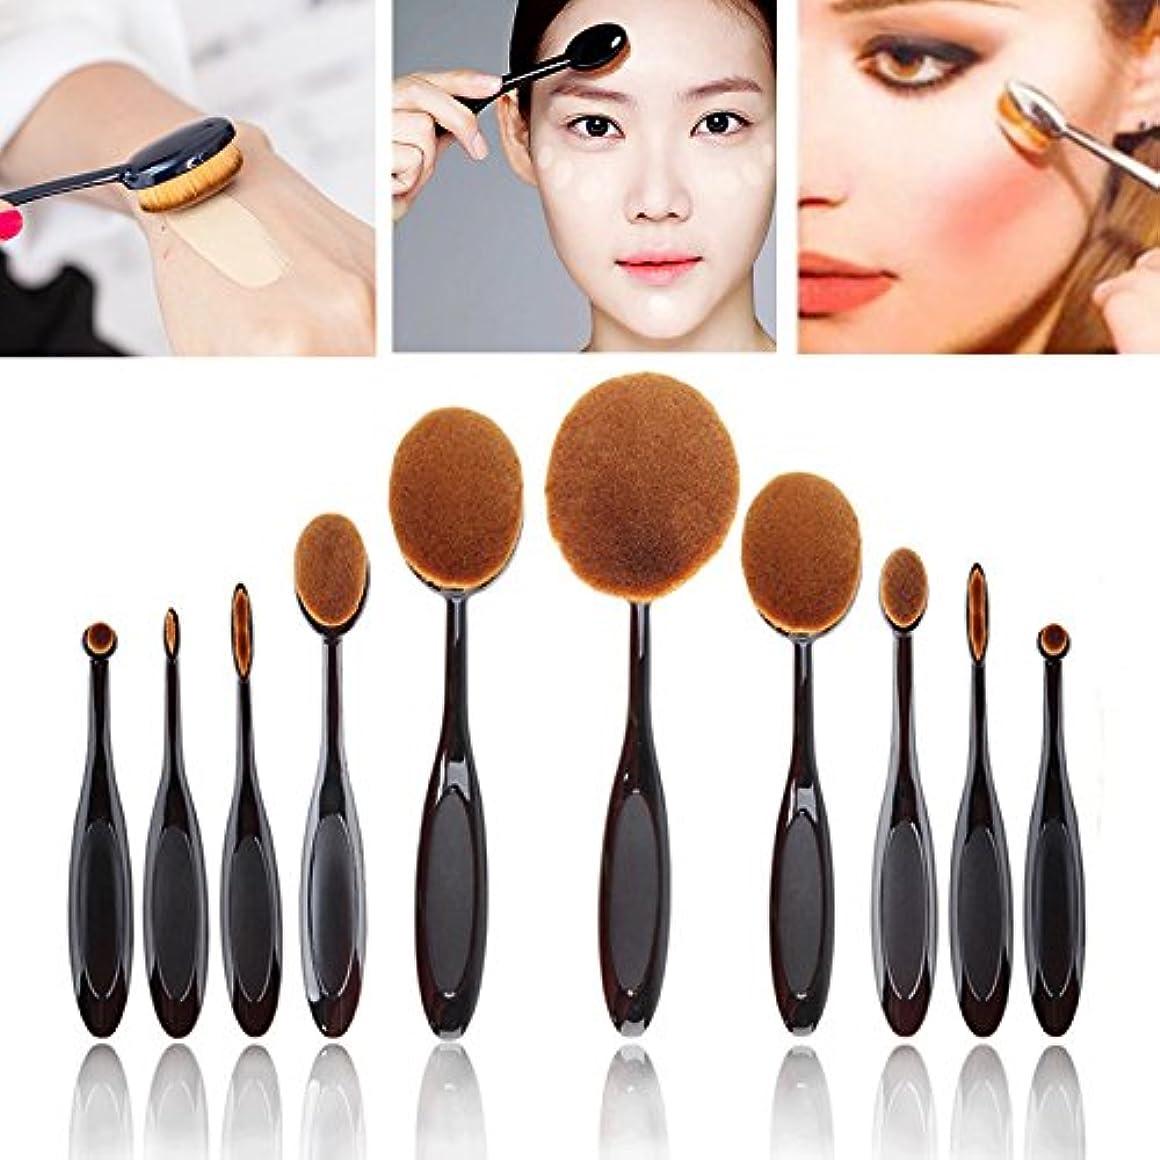 レールレルムフルートNeverlnad Beauty 歯ブラシ型 ファンデーションブラシ 化粧ブラシ メイクブラシ 10本セット